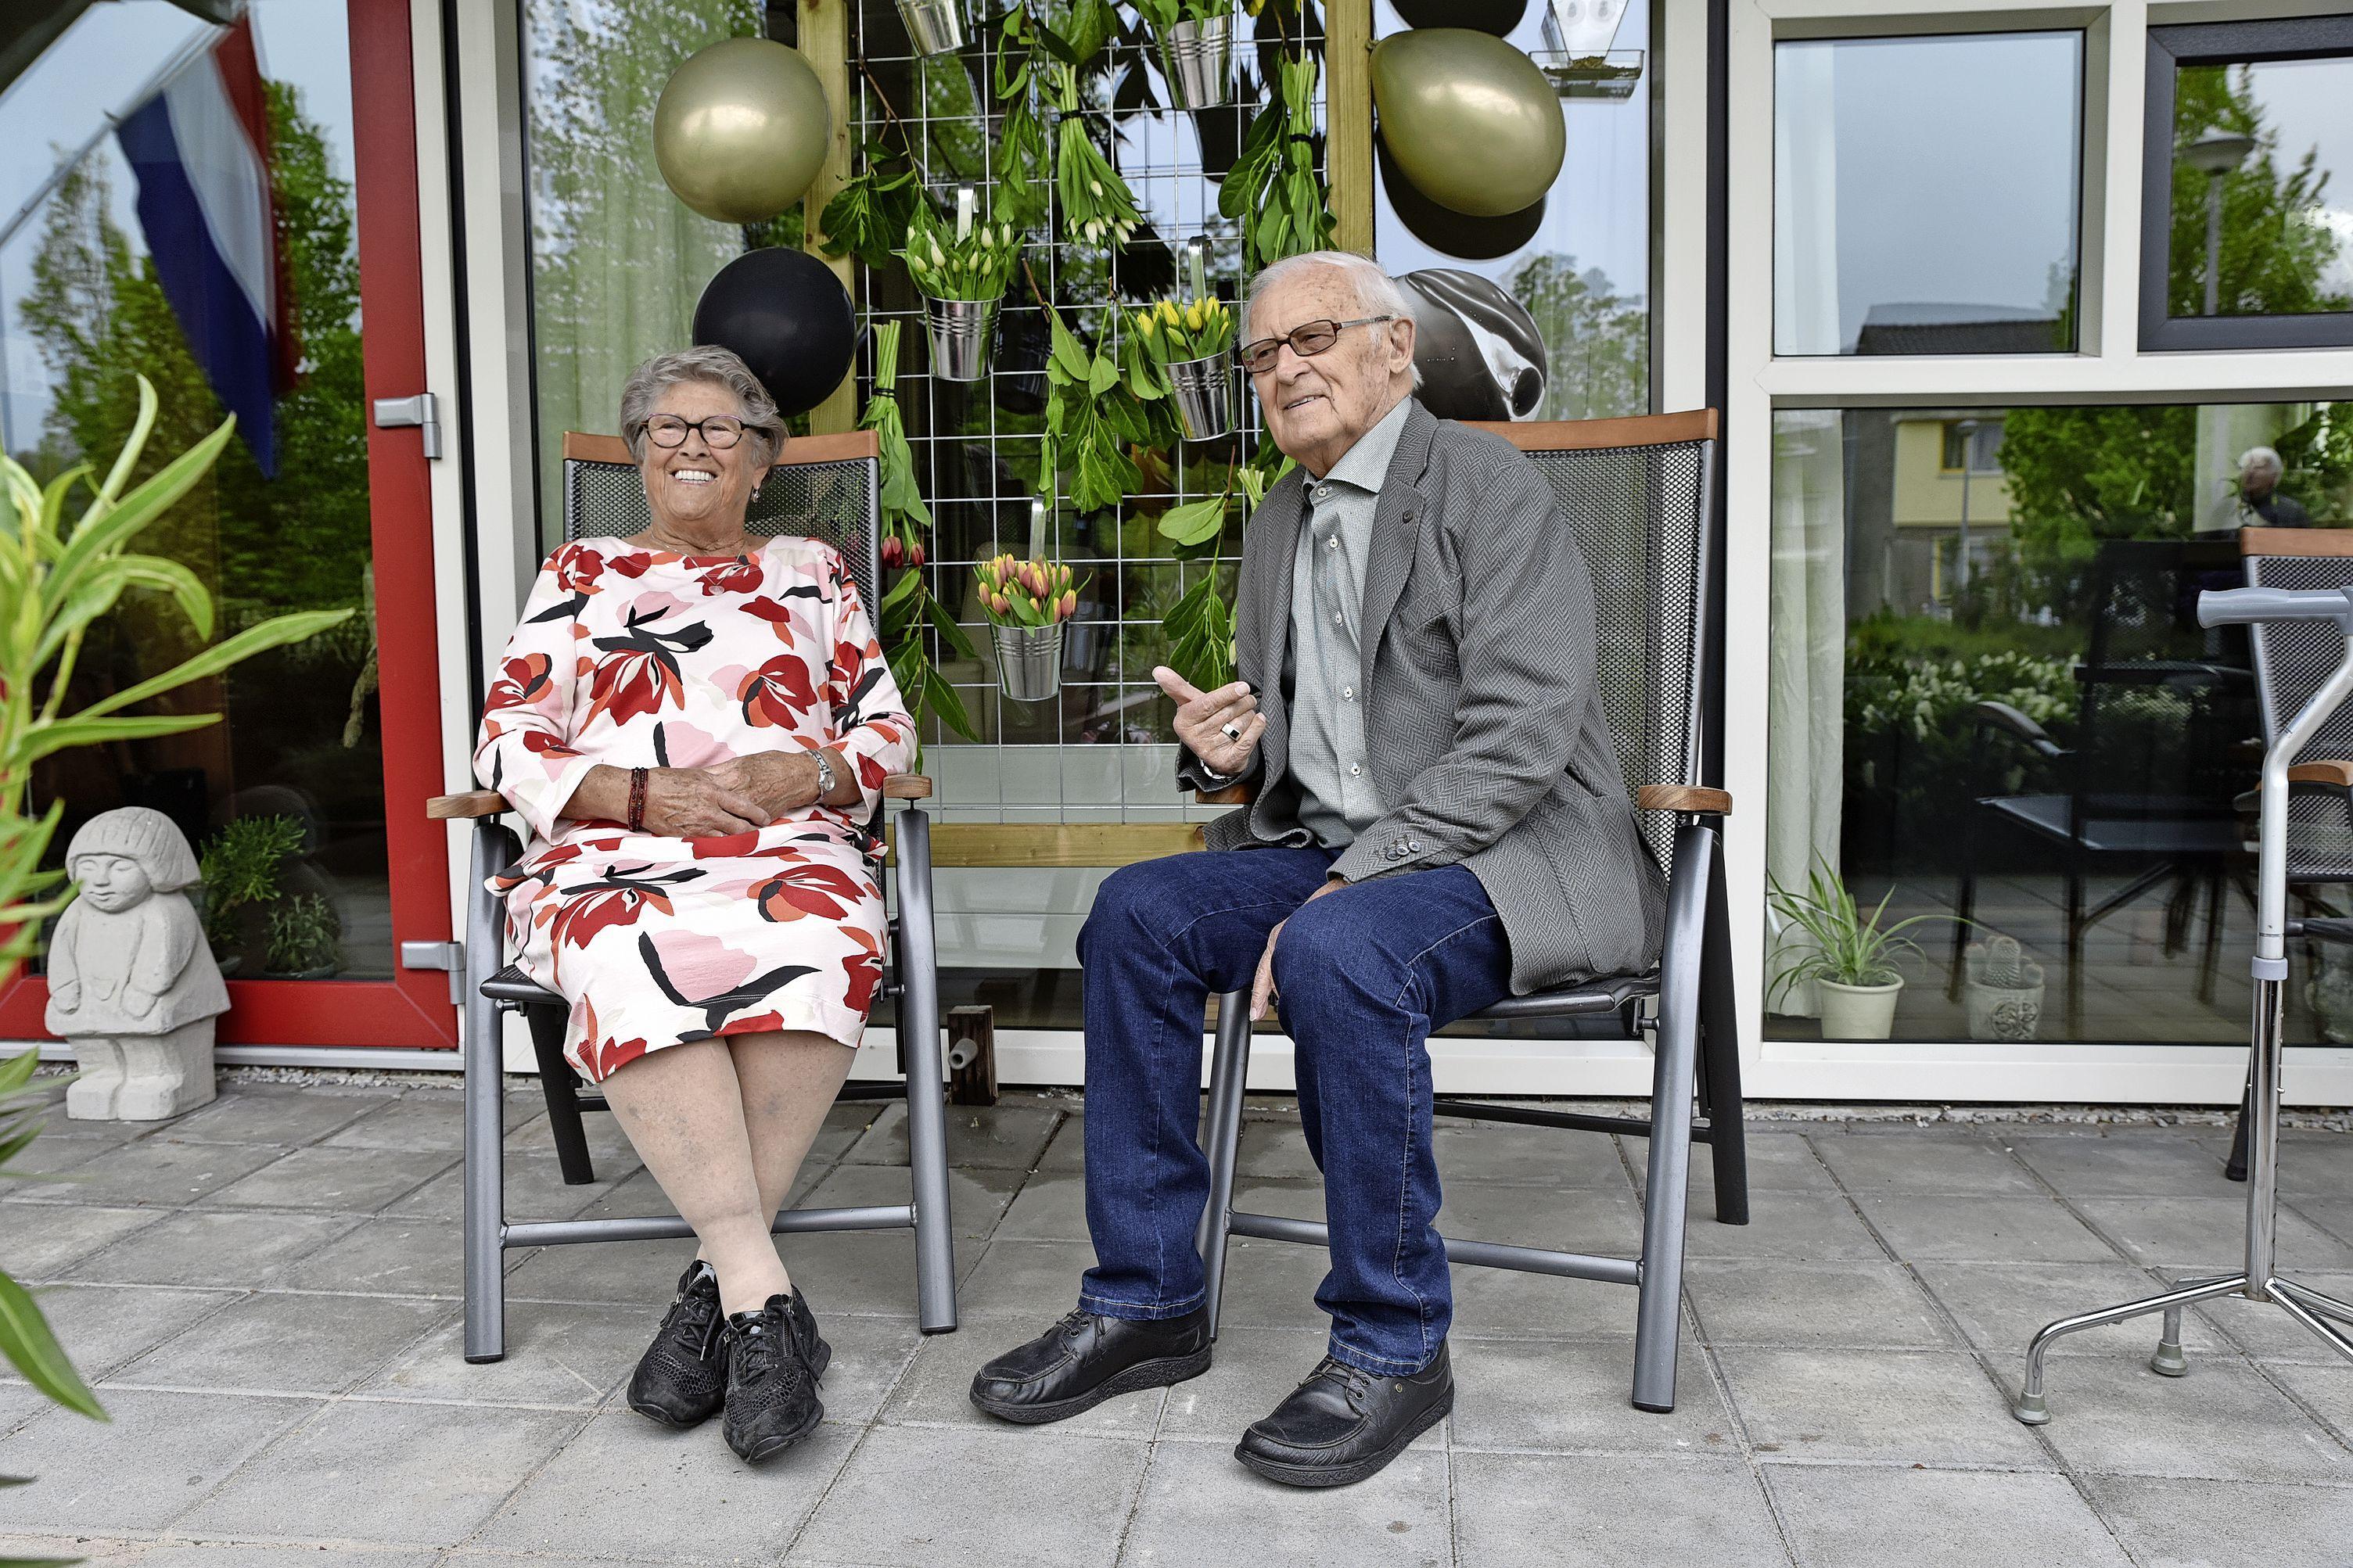 Afra en Simon Deen vieren bruiloft al 65 jaar op verkeerde datum. 'Het was gewoon het meest praktische'